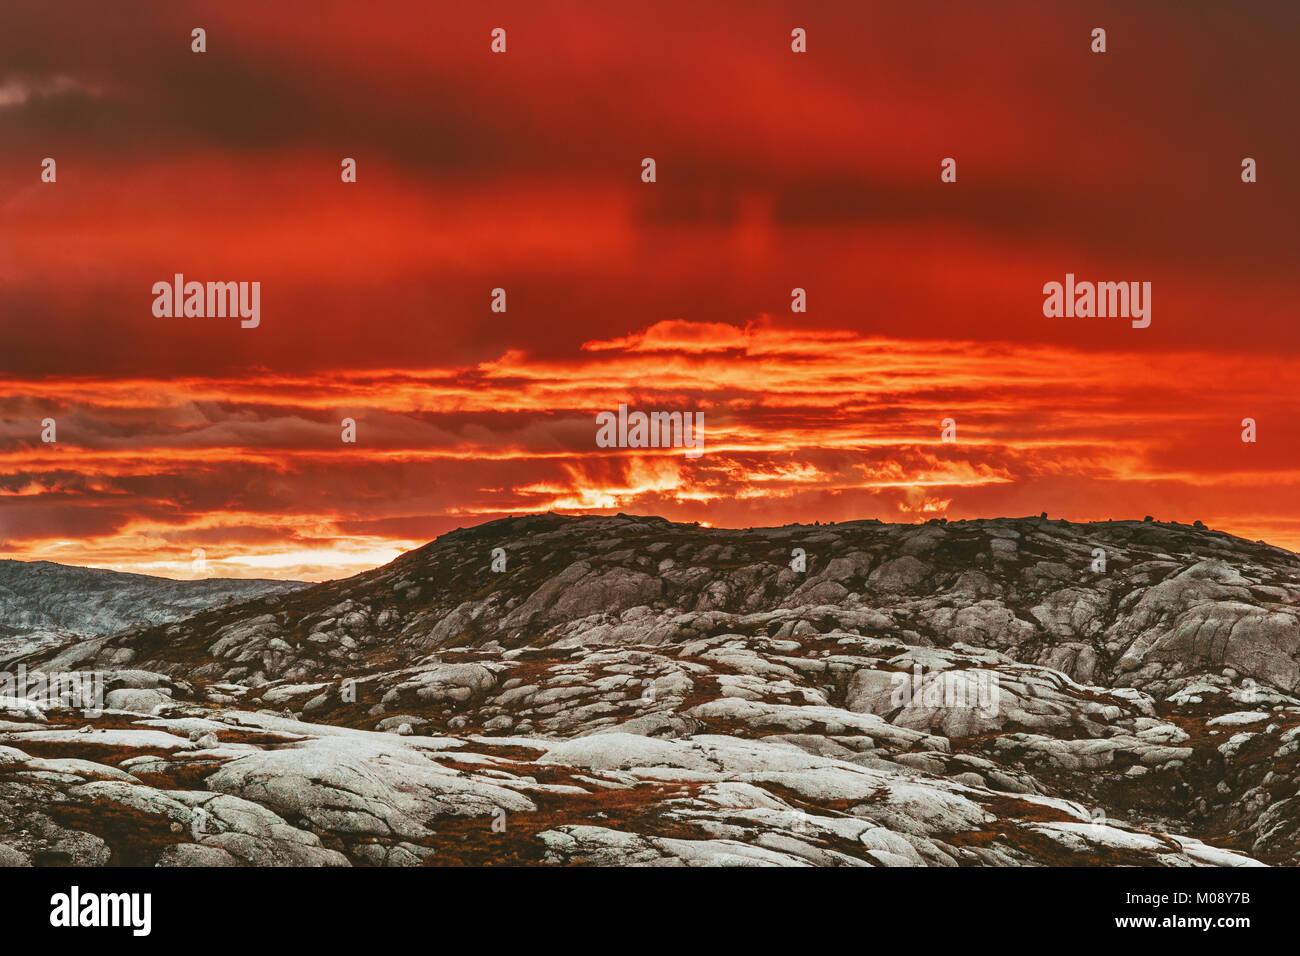 Tramonto Montagne Paesaggio in Norvegia Travel scenario naturale di rosso i colori del cielo Immagini Stock